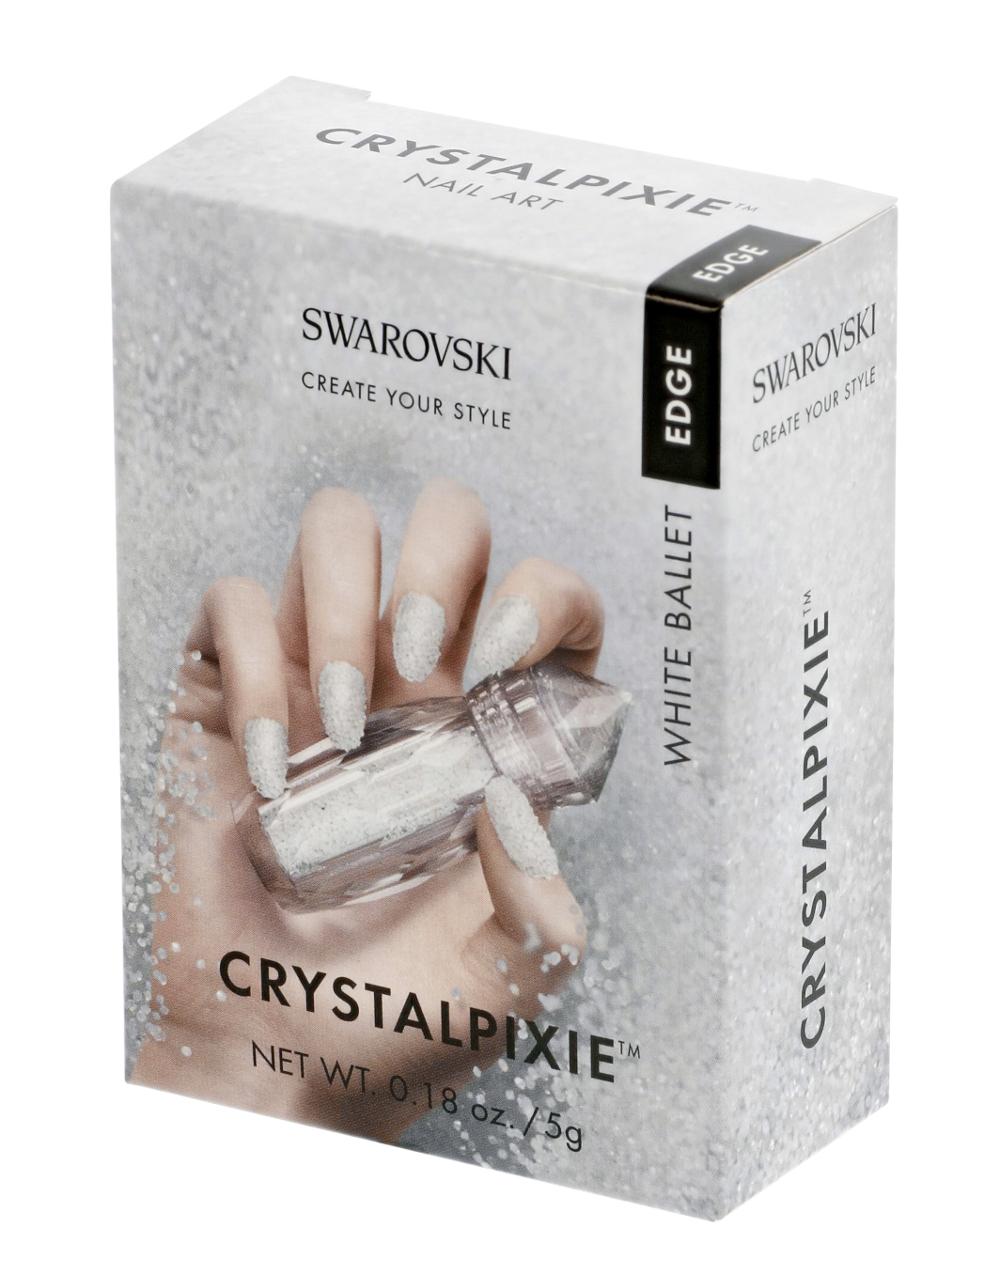 crystal-pixie-edge-diy-nageldesign-mit-swarovski-kristallen-nail-box-pixie-white-ballet-1-stu